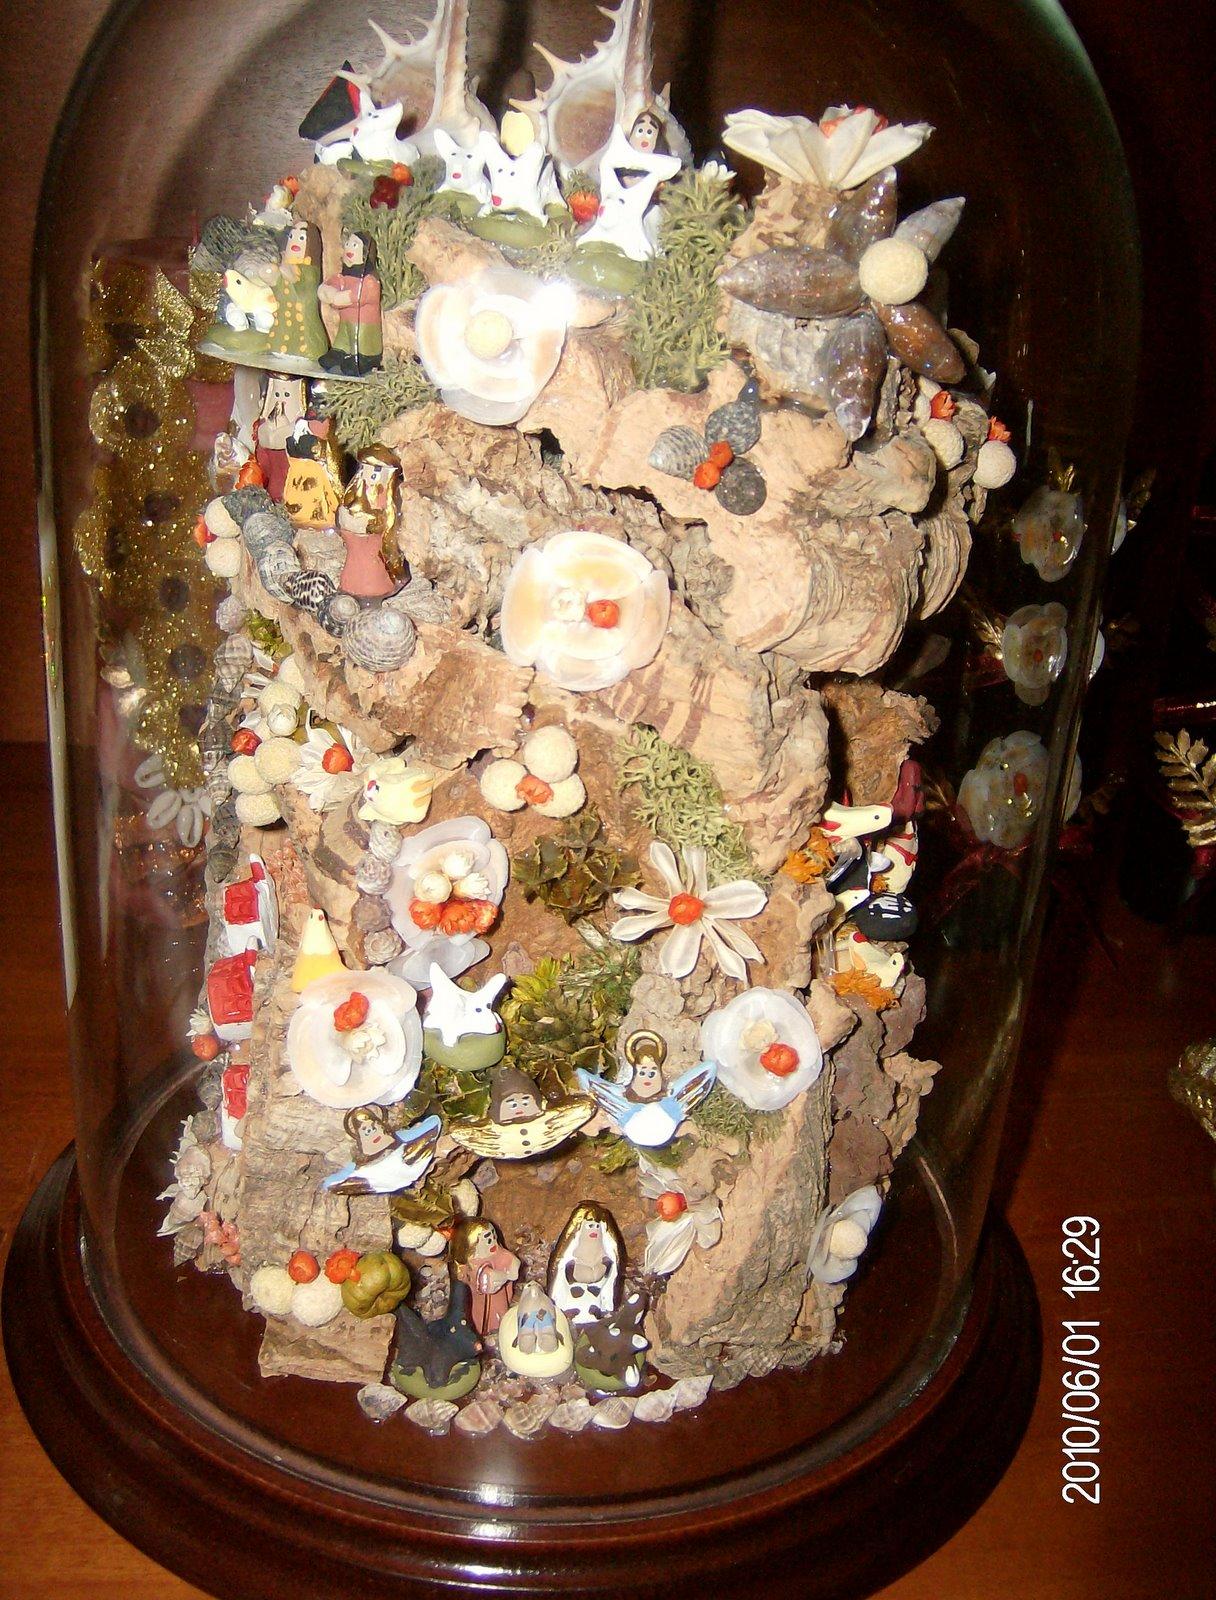 Kit Armario Cultivo Interior ~ As minhas criações Presepio de lapinha dentro de uma manga de vidro